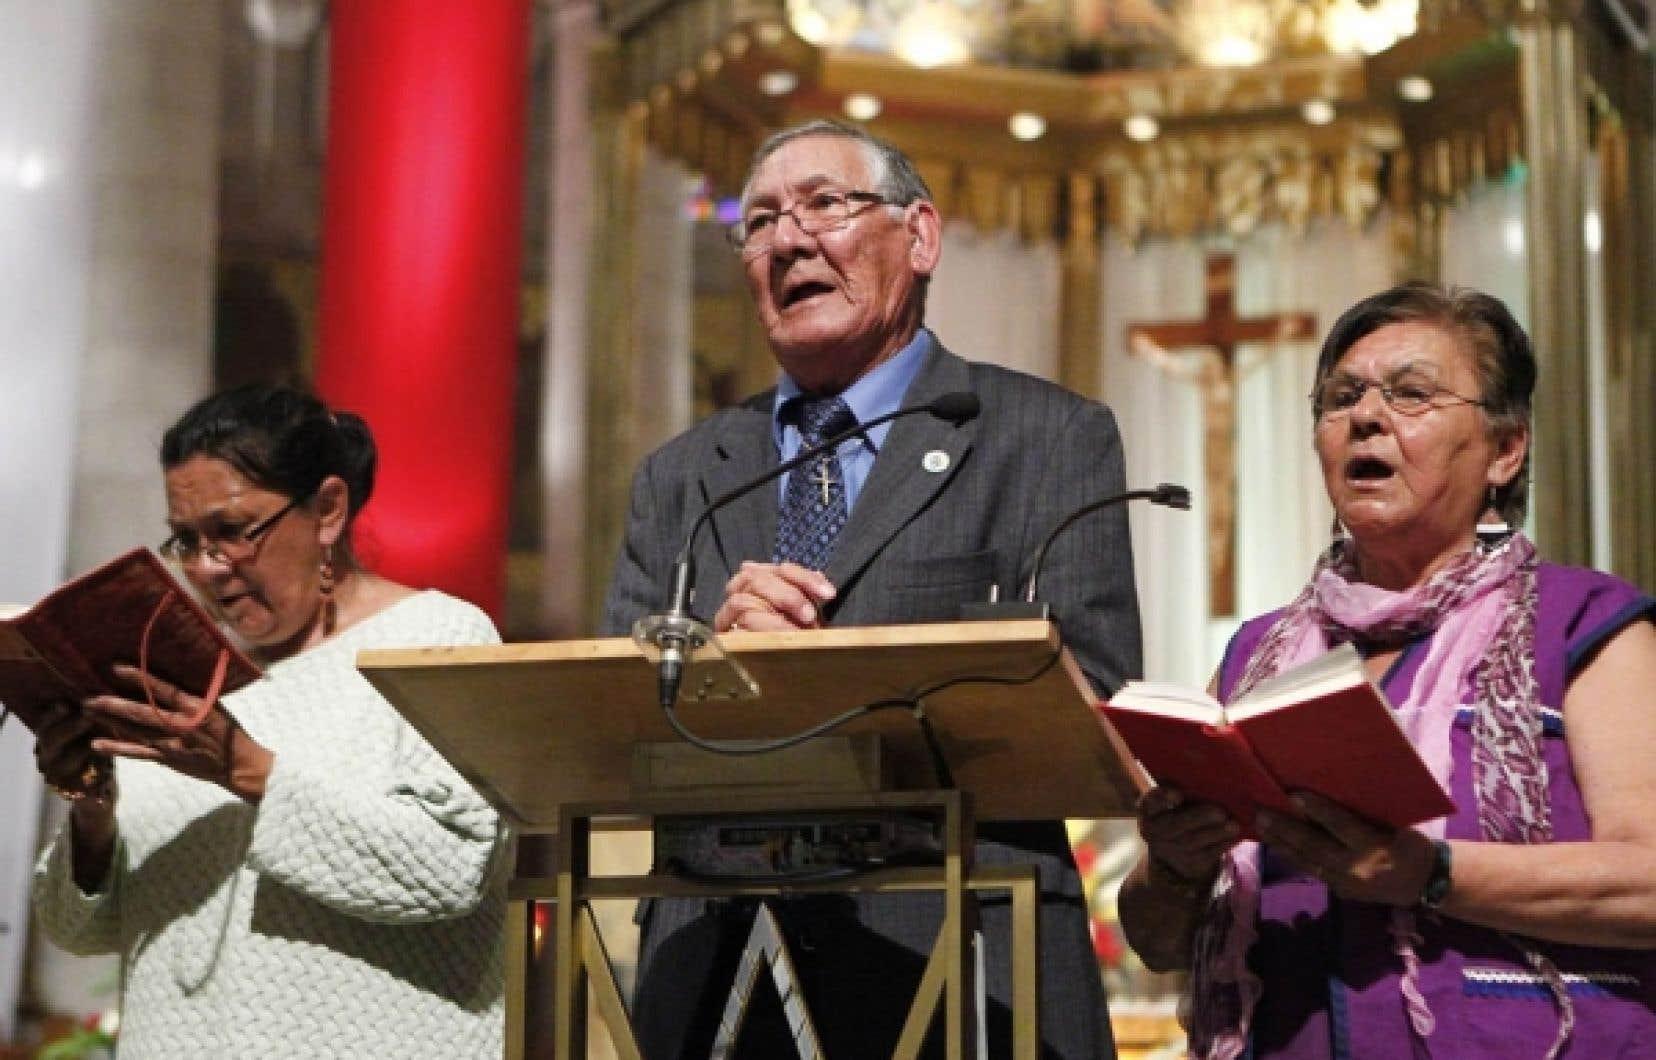 Des chanteurs autochtones ont pris part hier &agrave; la messe c&eacute;l&eacute;br&eacute;e en innu et en fran&ccedil;ais &agrave; la basilique de Sainte-Anne-de-Beaupr&eacute;.<br />